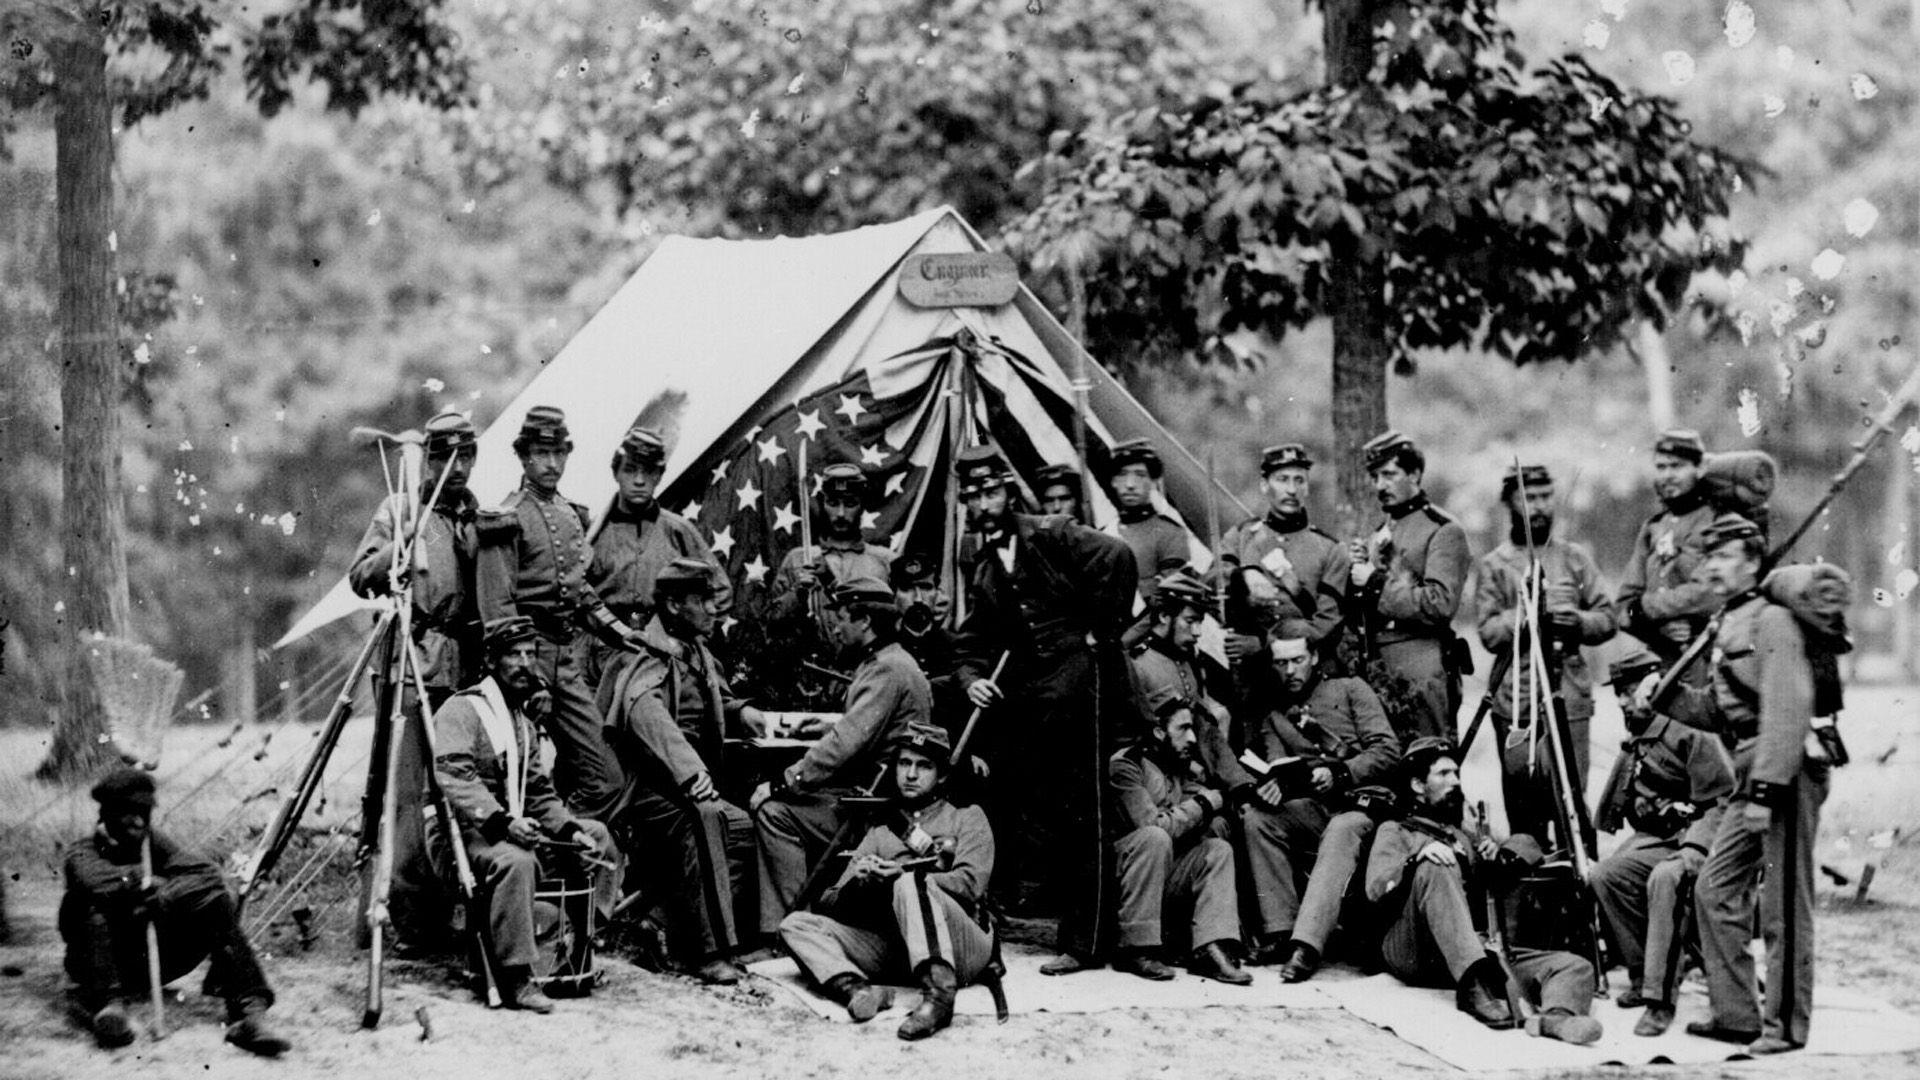 The Civil War In America 1861 1865